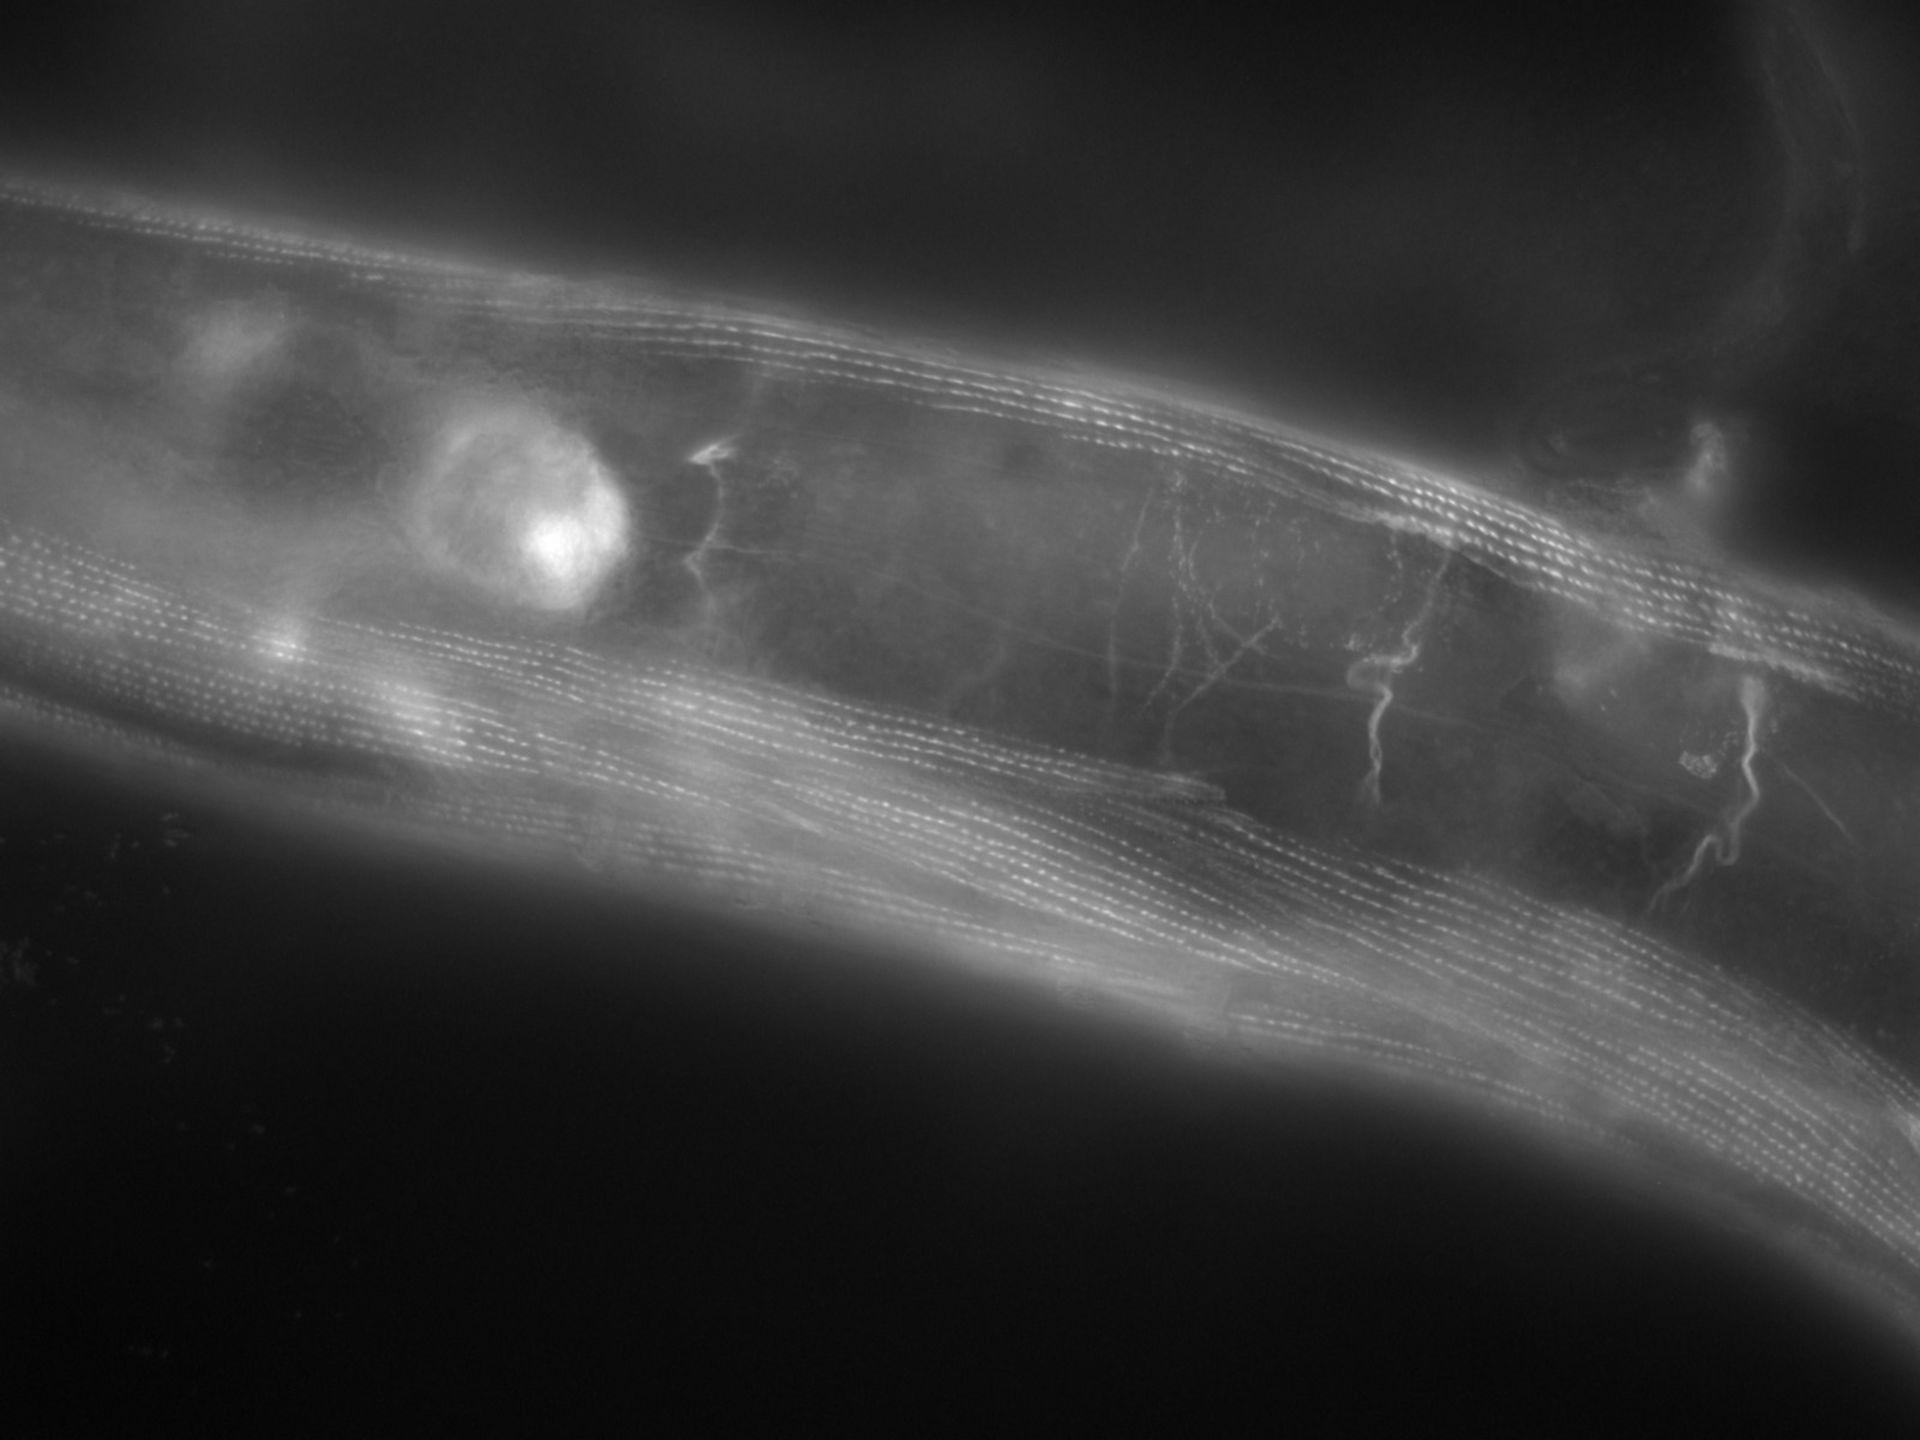 Caenorhabditis elegans (Actin filament) - CIL:1124